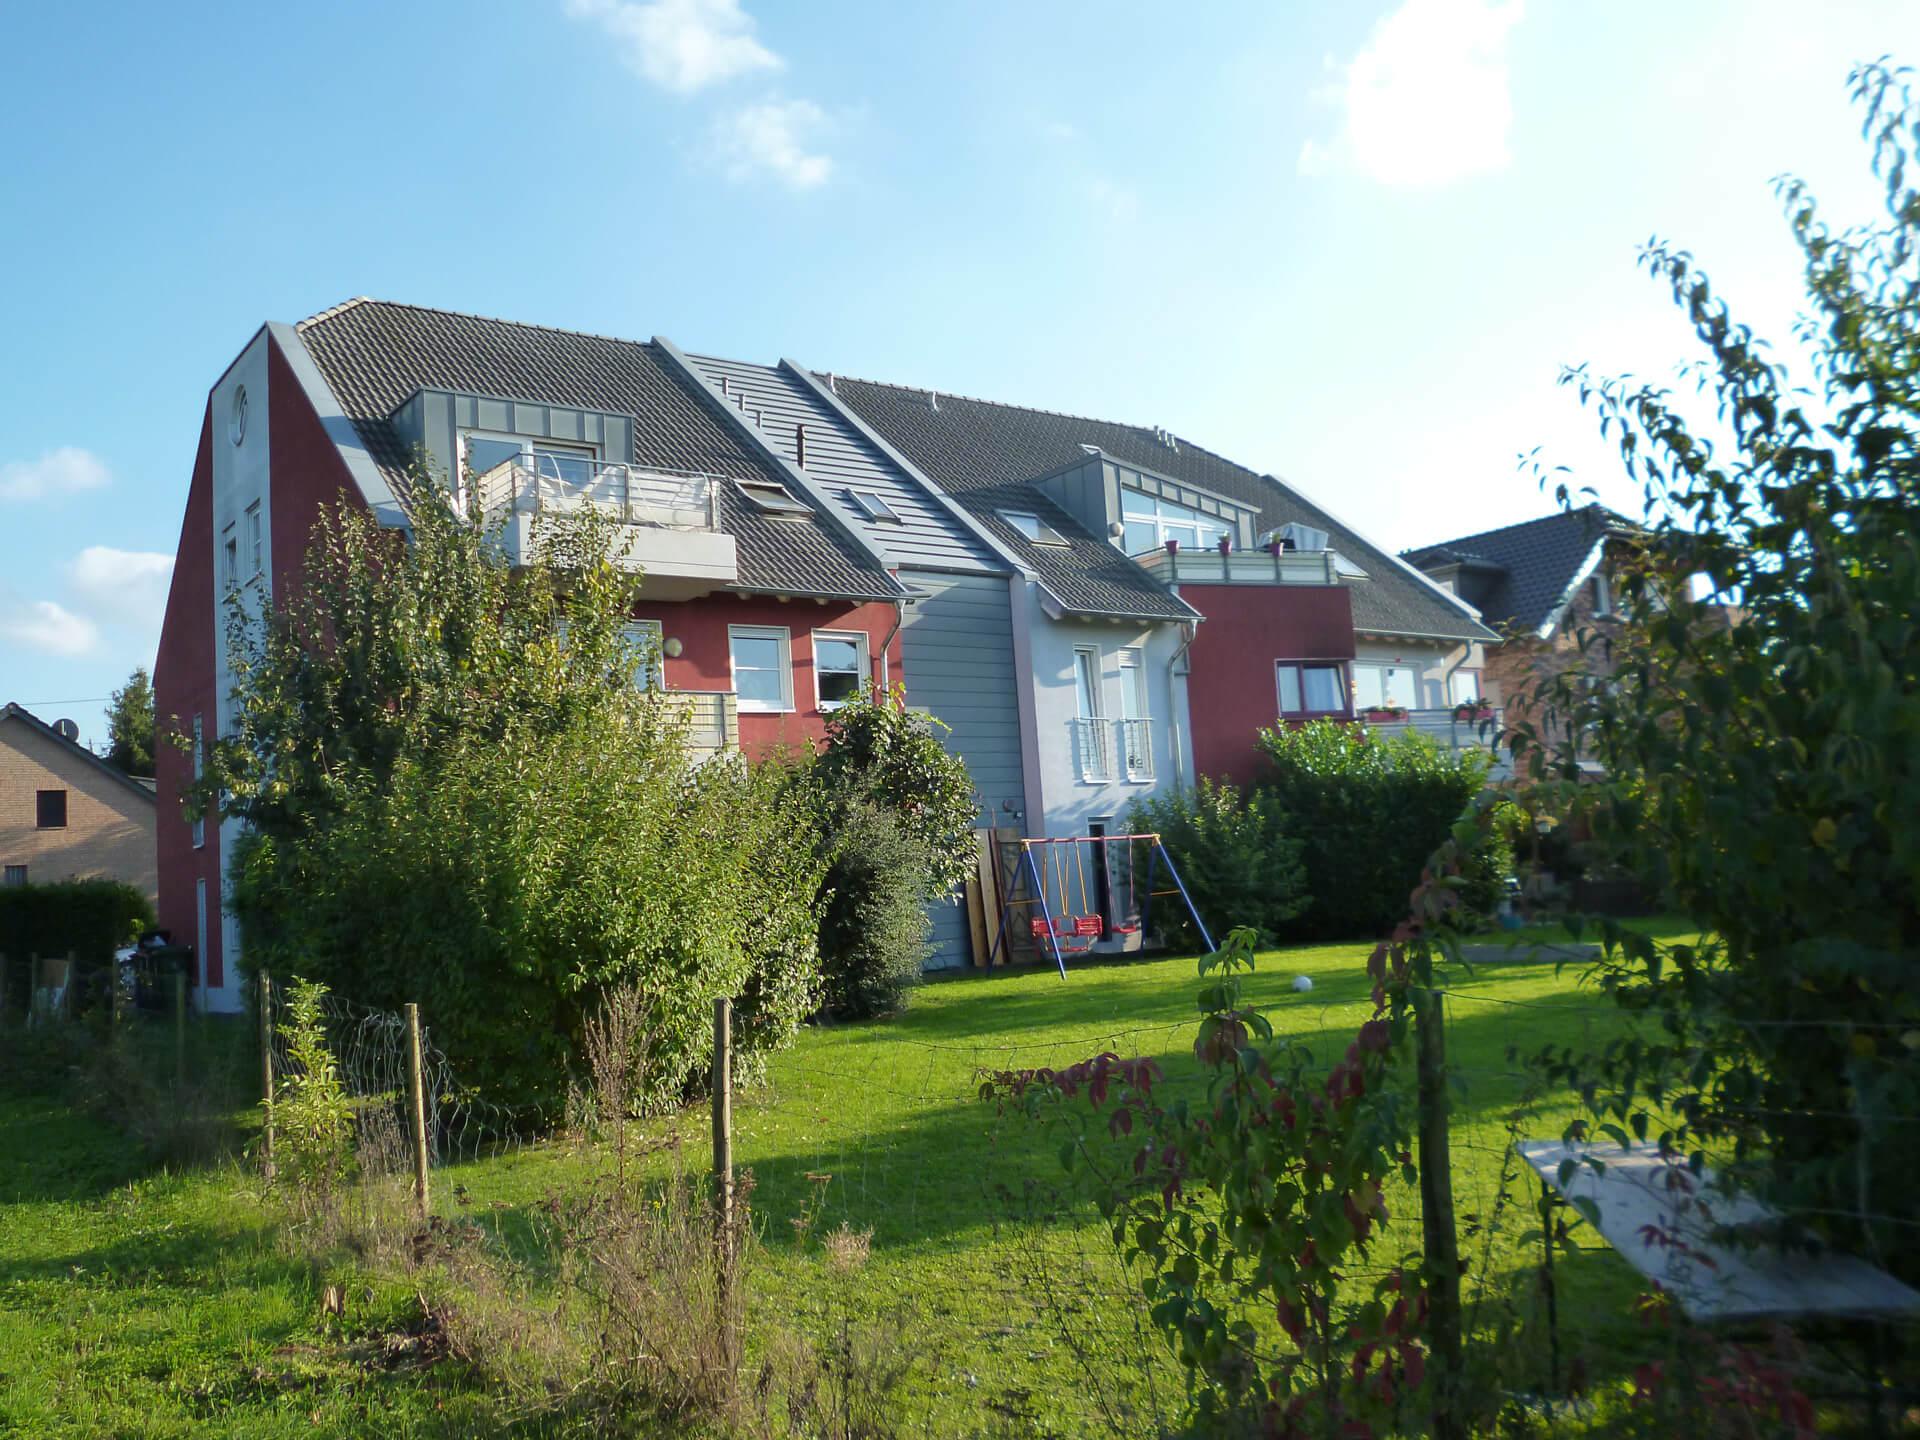 Immobilienmakler in bornheim gesucht harald sick for Immobilienmakler gesucht